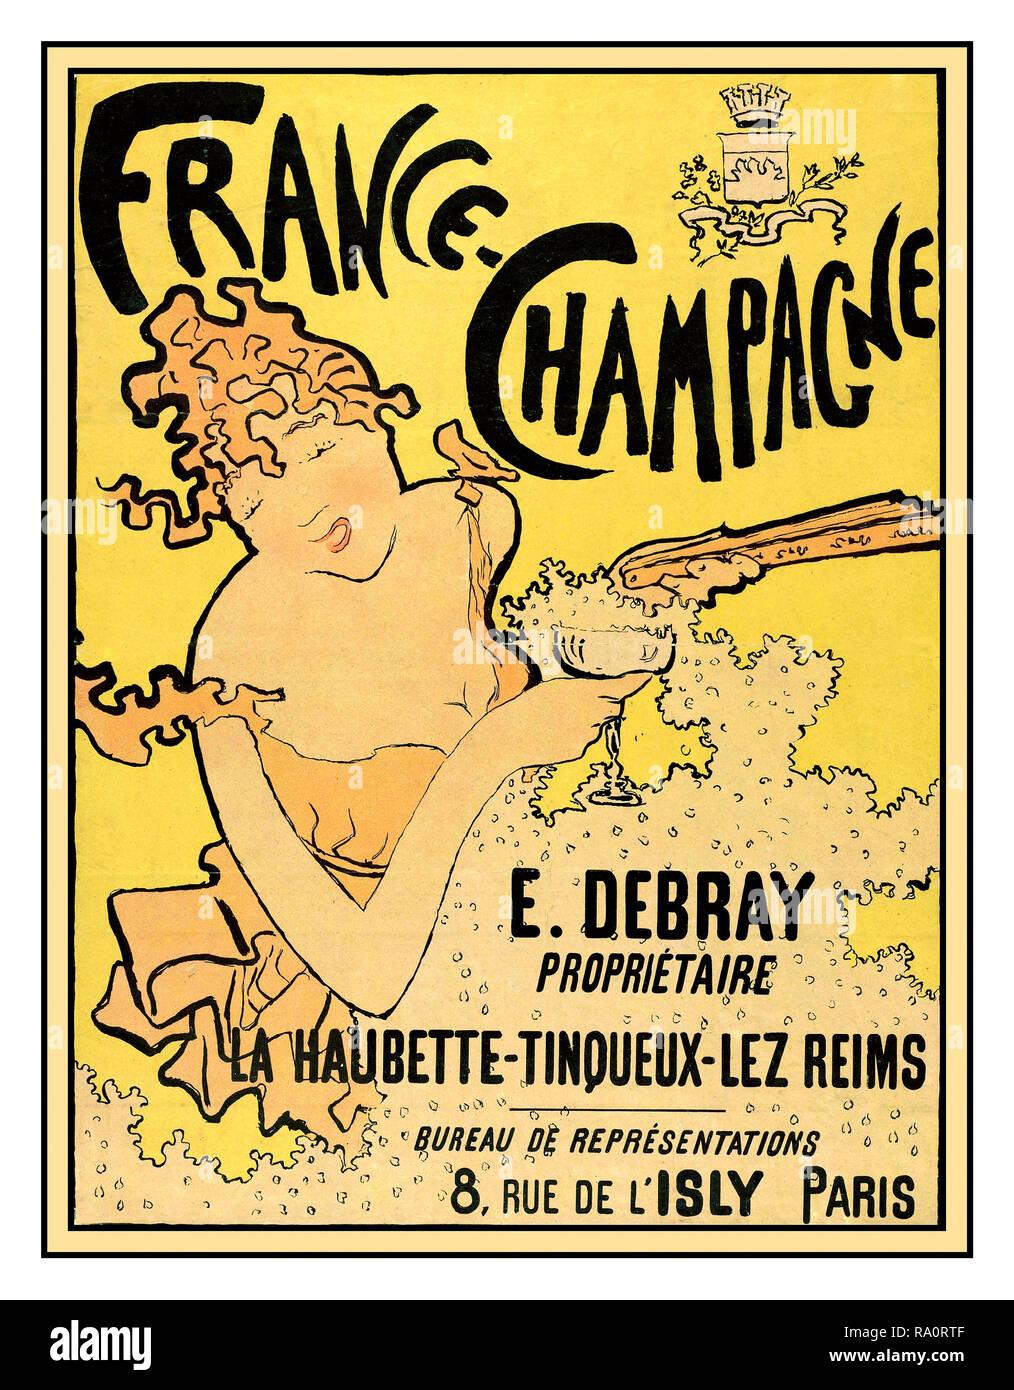 Vintage 'Debray' French Champagne Poster by artist Pierre Bonnard in Art Nouveau Style LA HAUBETTE-TINQUEX-LES-REIMS 1890-1900's France - Stock Image